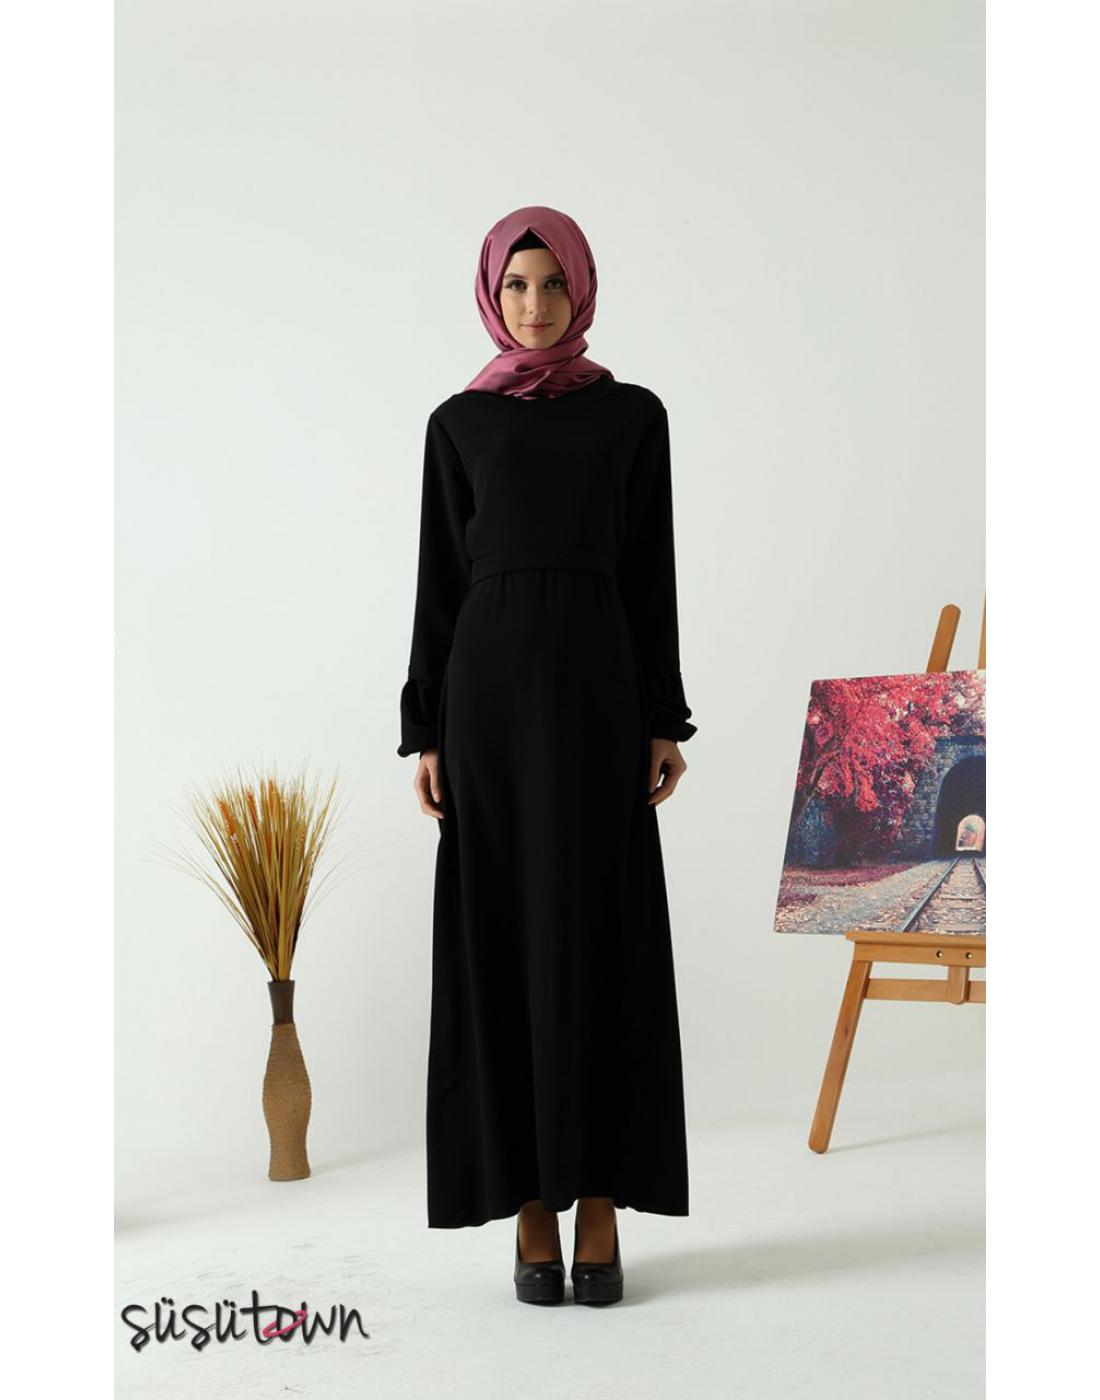 Başak Siyah Elbise